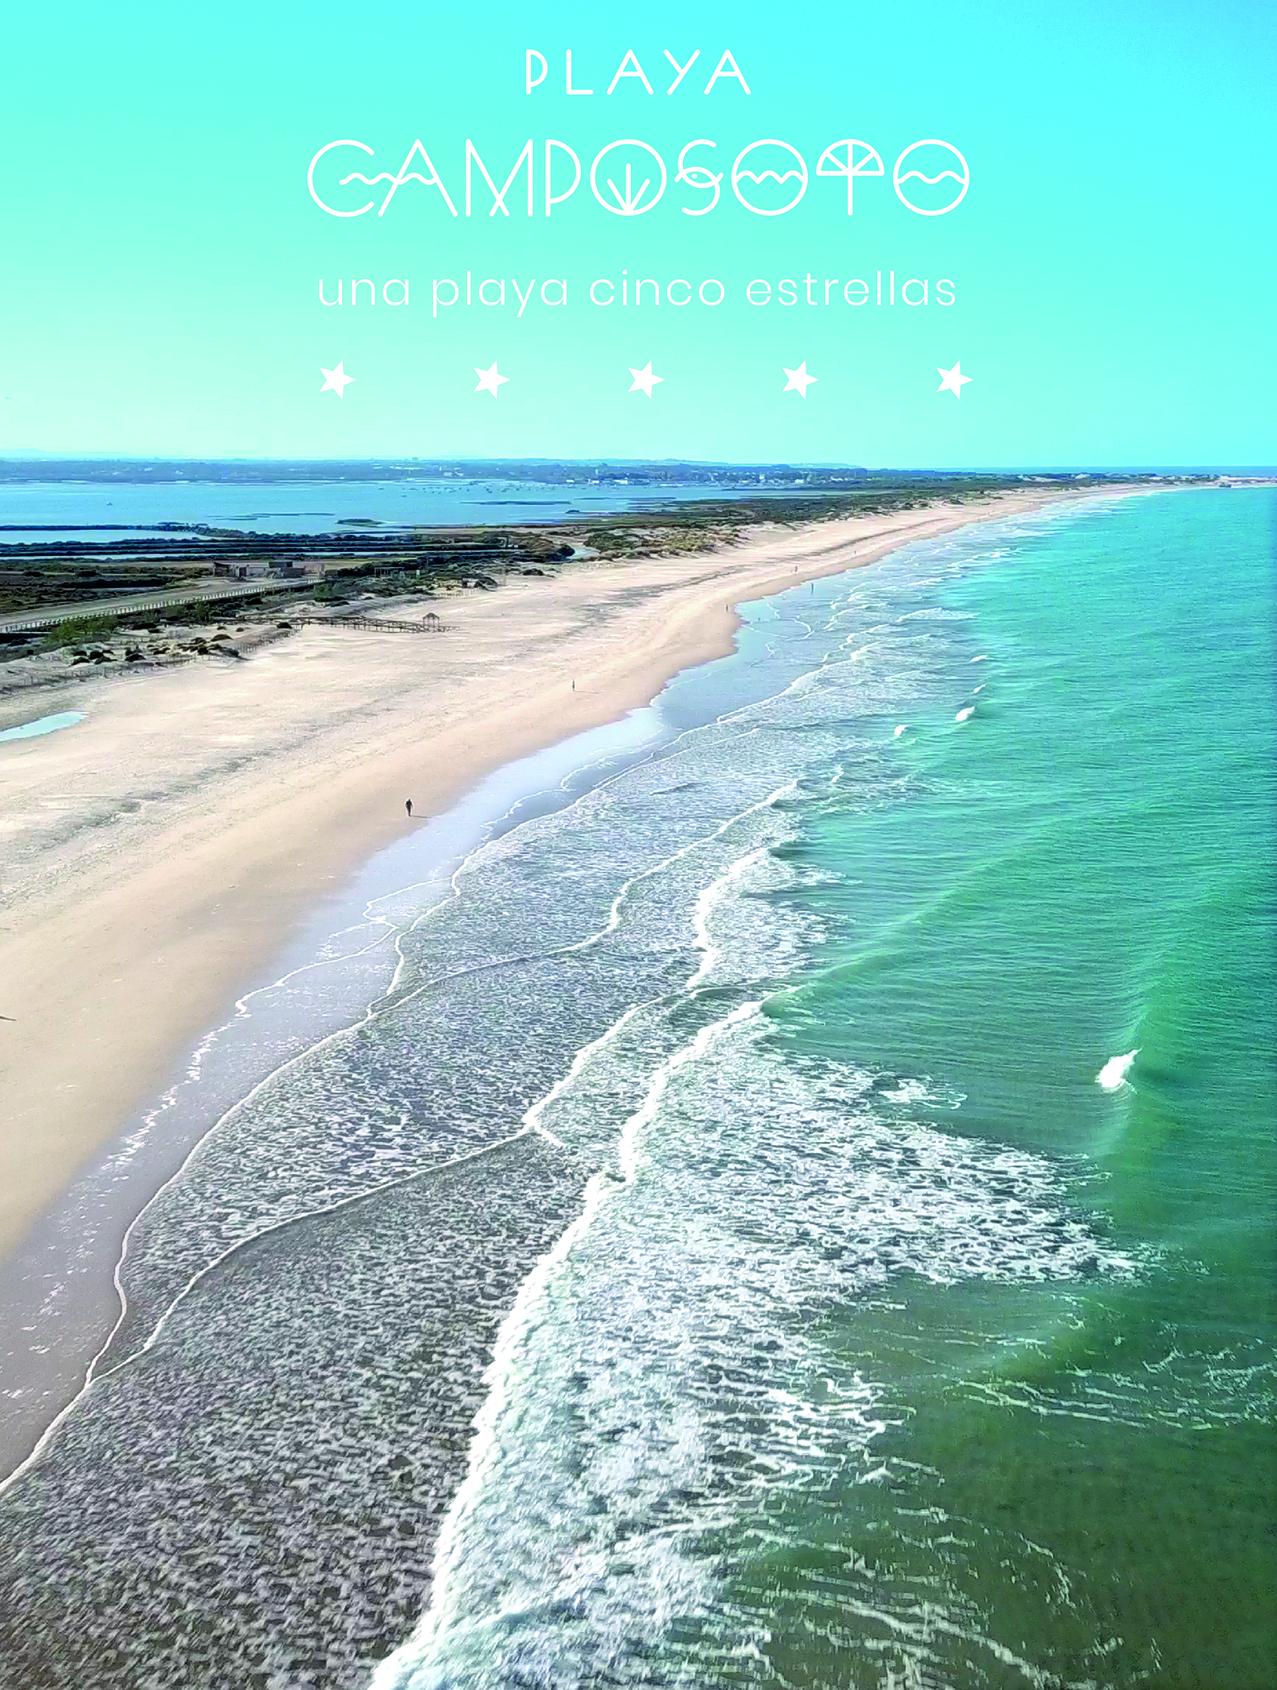 San Fernando presenta en FITUR un vídeo para promocionar la playa de Camposoto